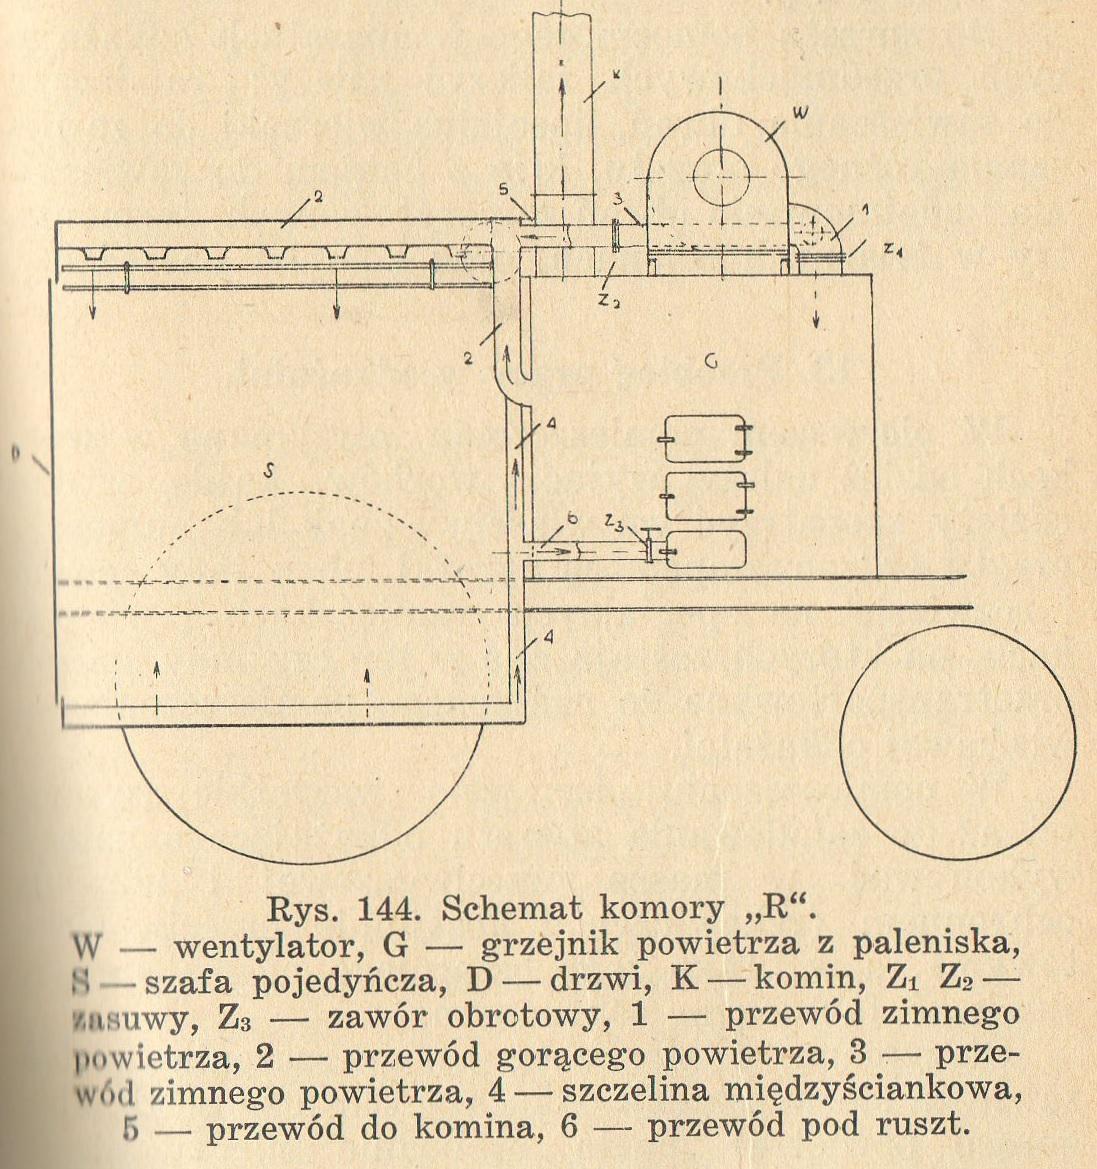 Schemat komory R